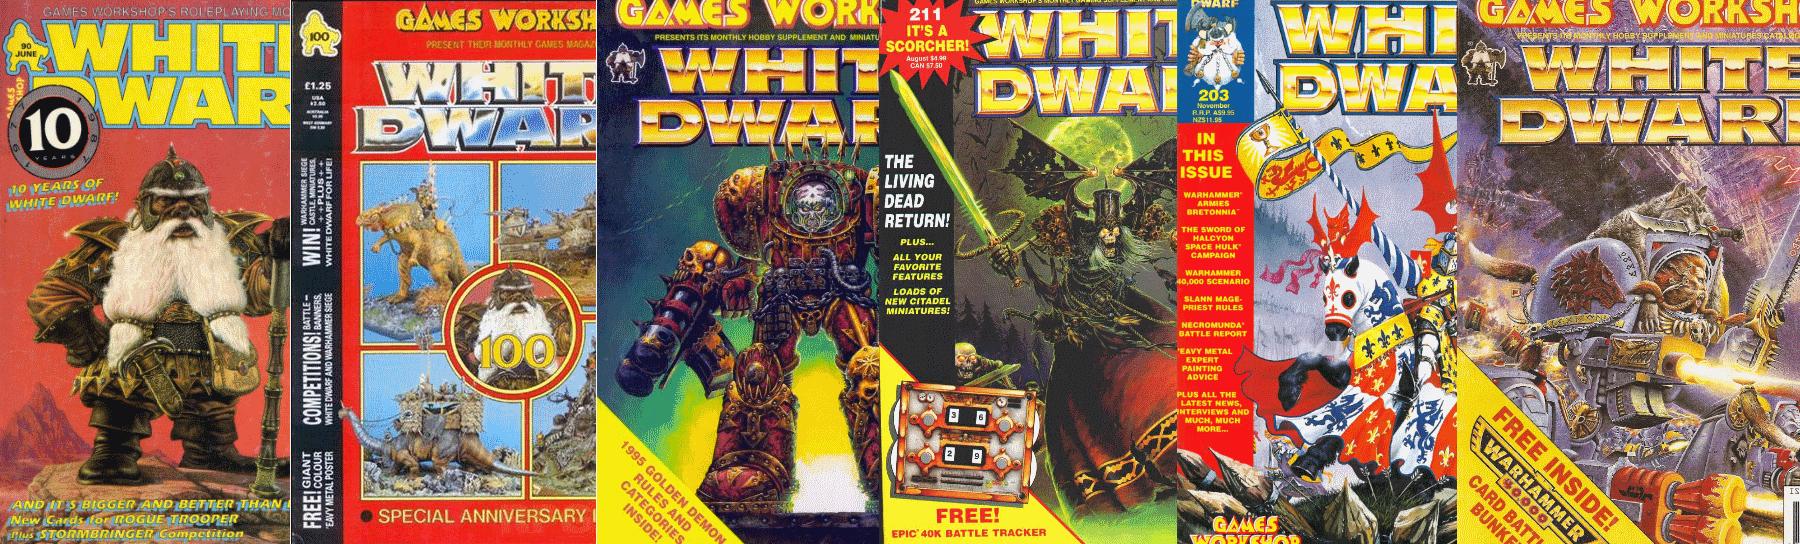 White Dwarf Volume 1